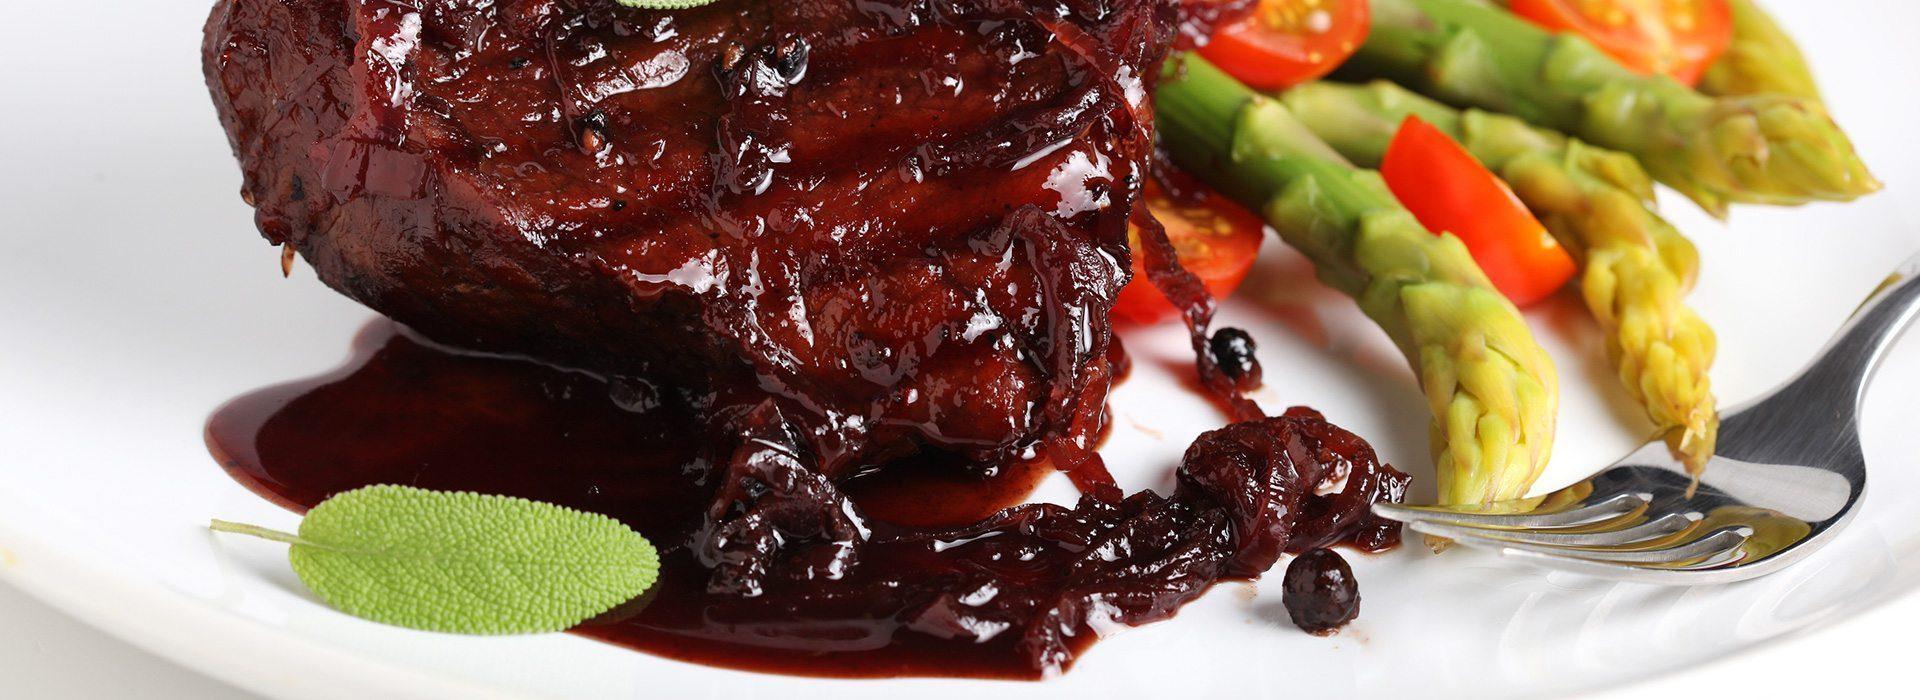 Sauce au porto et au poivre - Recette Berthelet